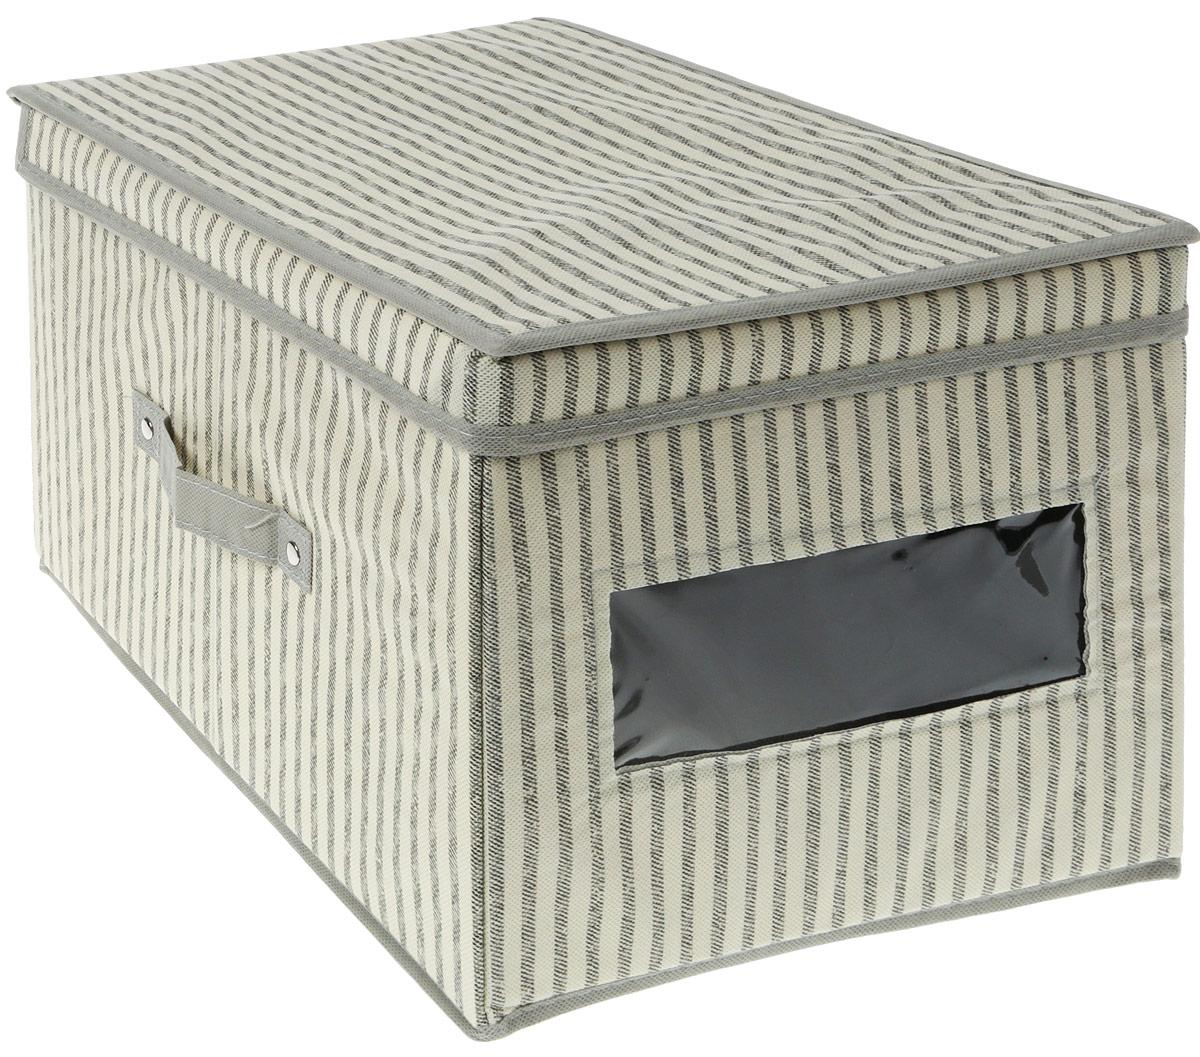 """Вместительный кофр """"GFTC"""" предназначен для хранения одежды и домашнего текстиля. Прозрачная вставка позволяет видеть содержимое кофра. Для удобства в обращении по бокам имеются ручки. Благодаря эстетичному дизайну кофр гармонично смотрится в любом интерьере."""